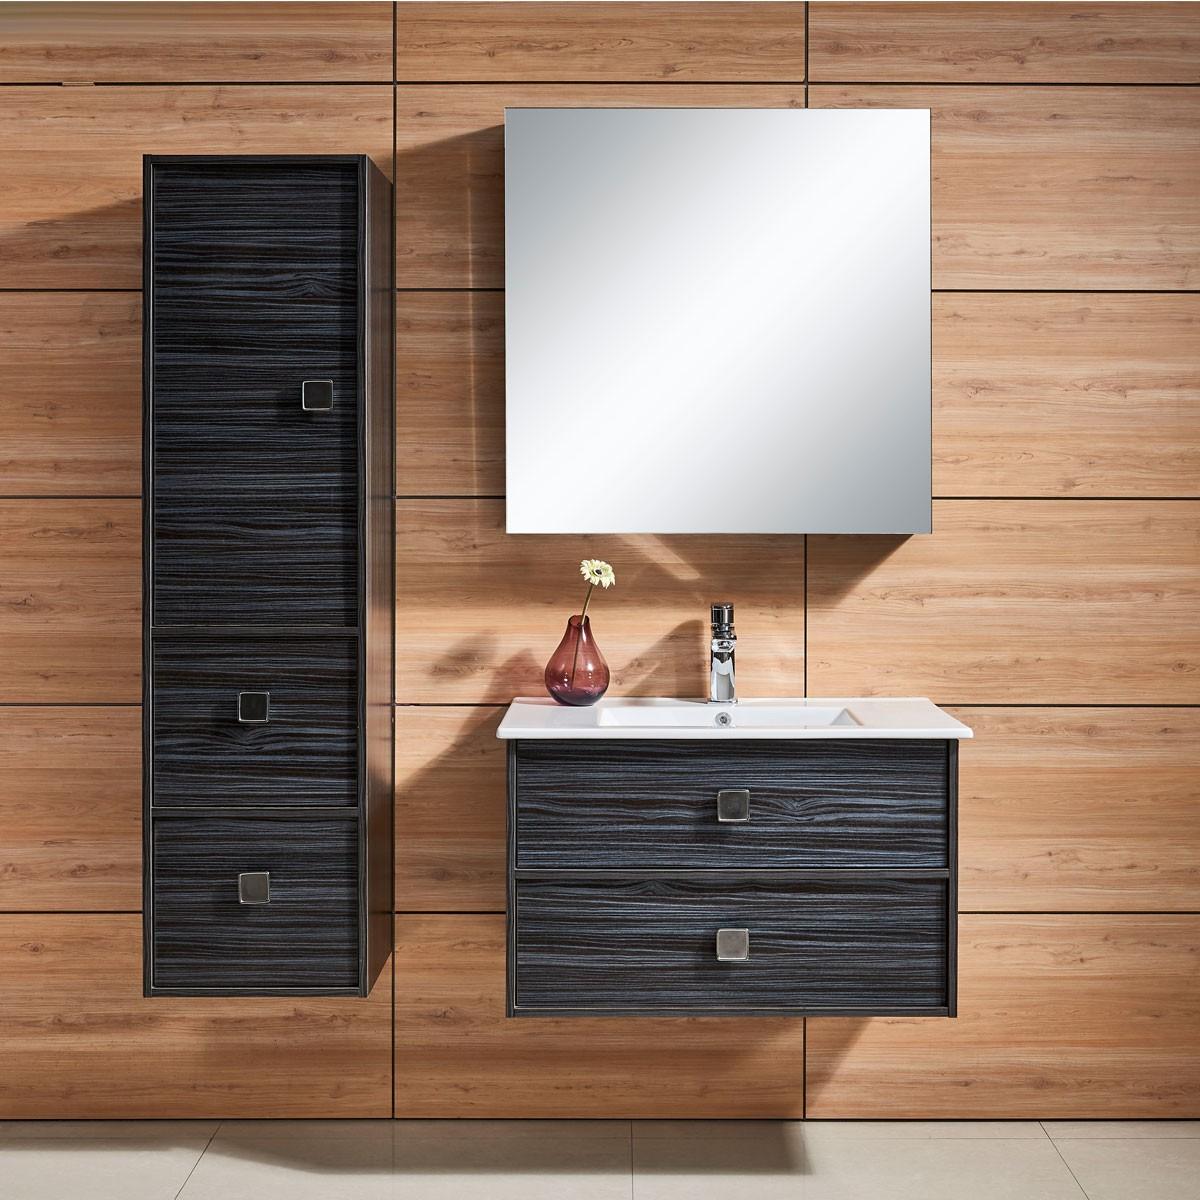 31 in wallmount bathroom vanity set single sink and mirror dk